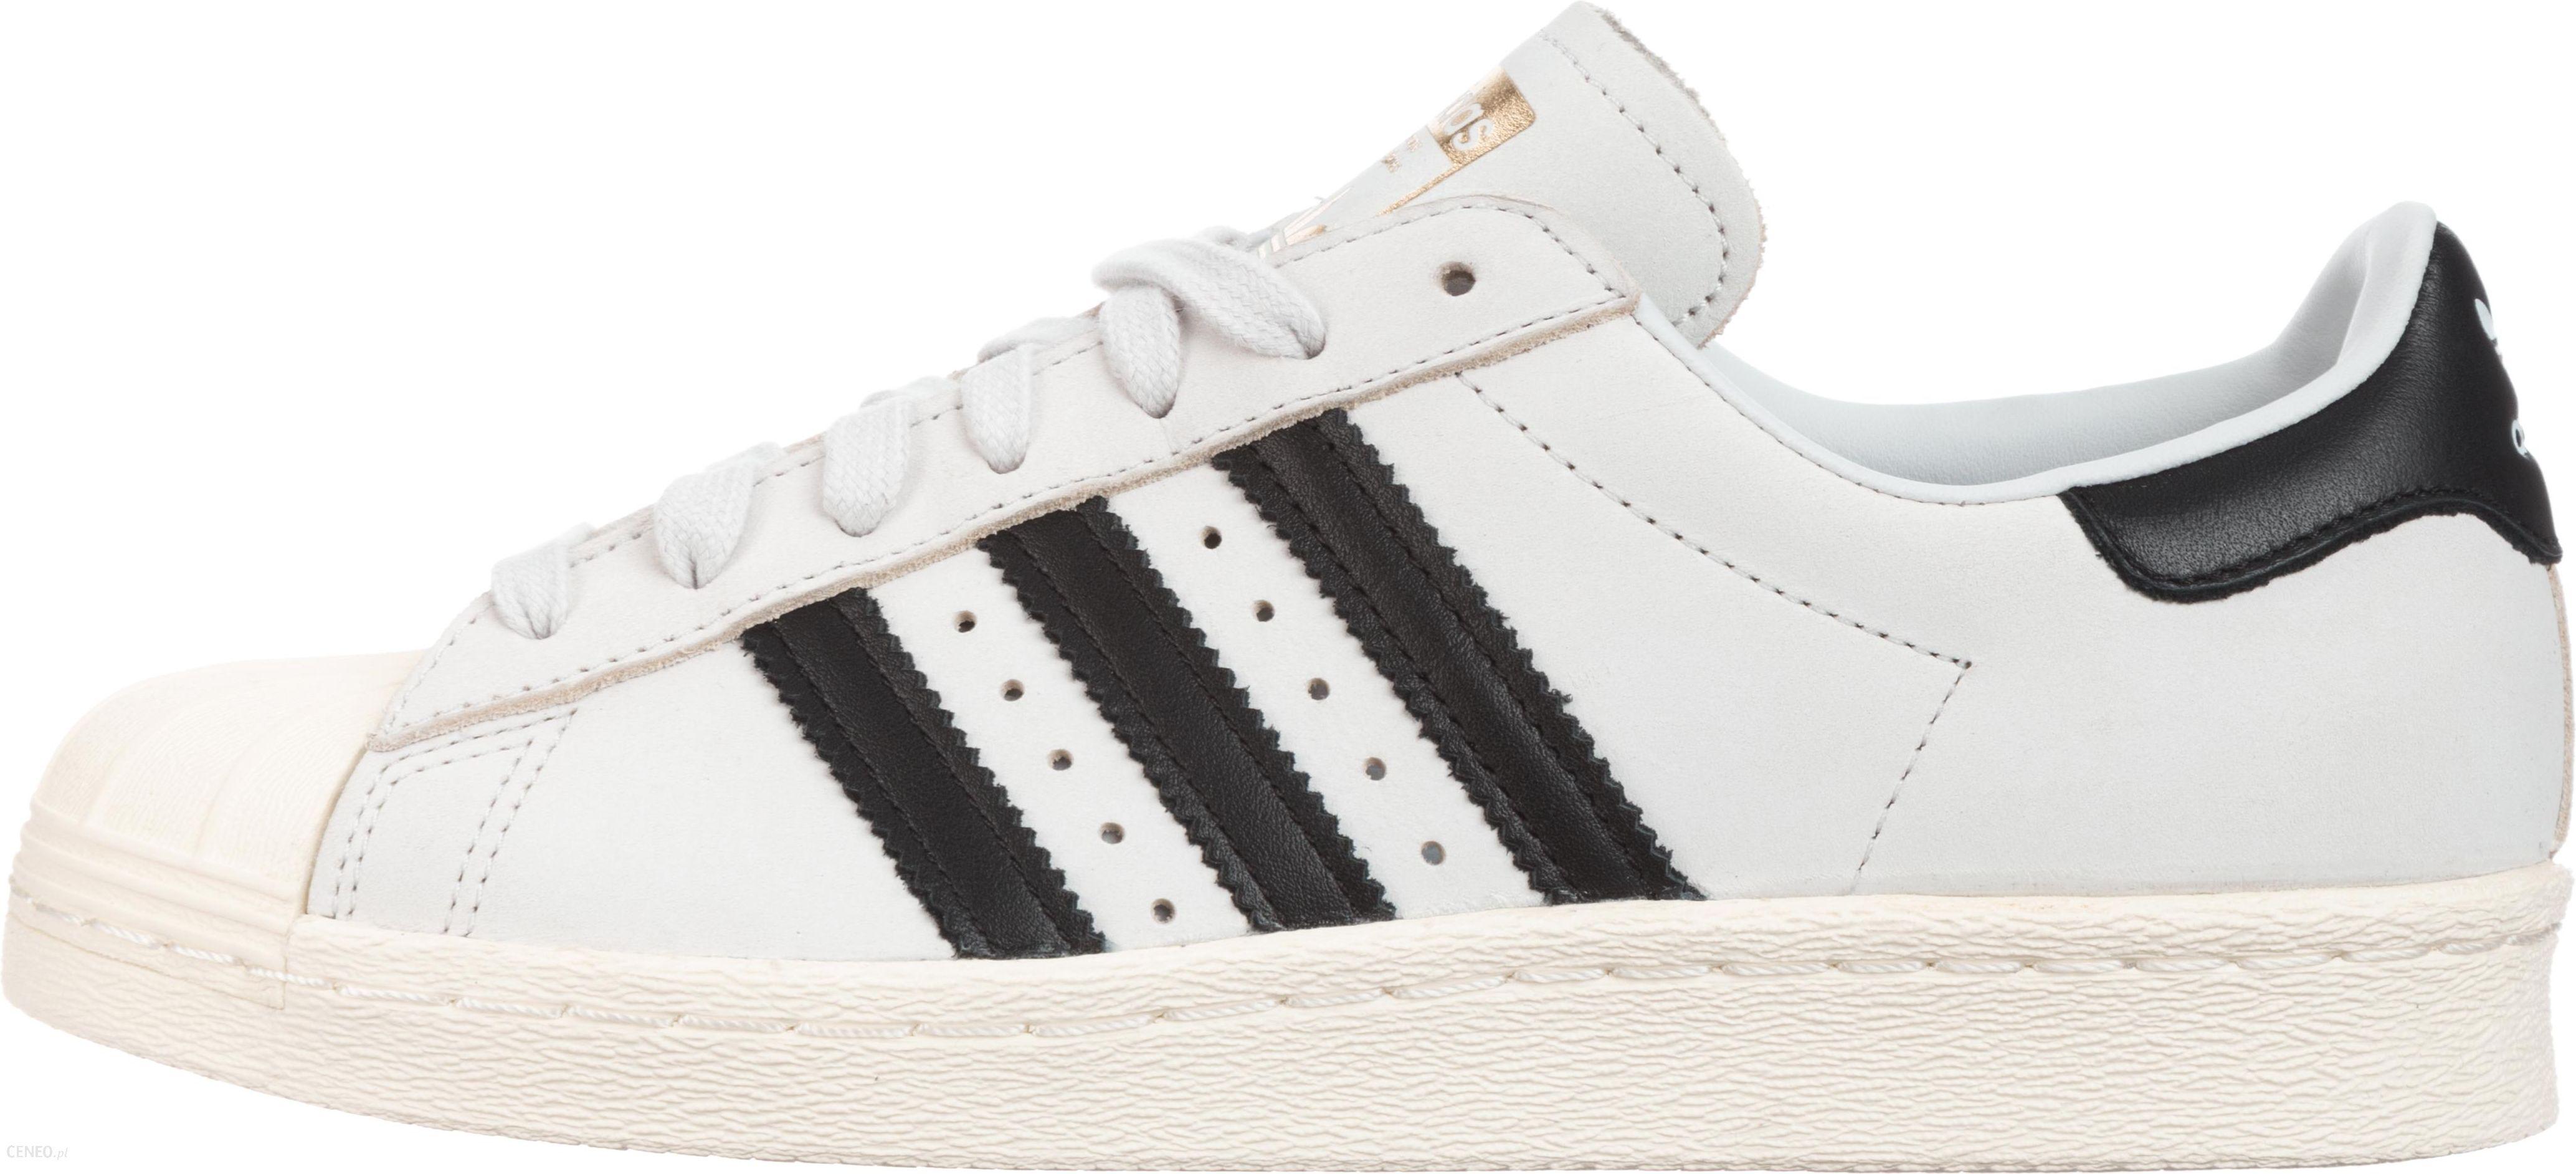 Buty Adidas Superstar 80s damskie skórzane 42 Ceny i opinie Ceneo.pl